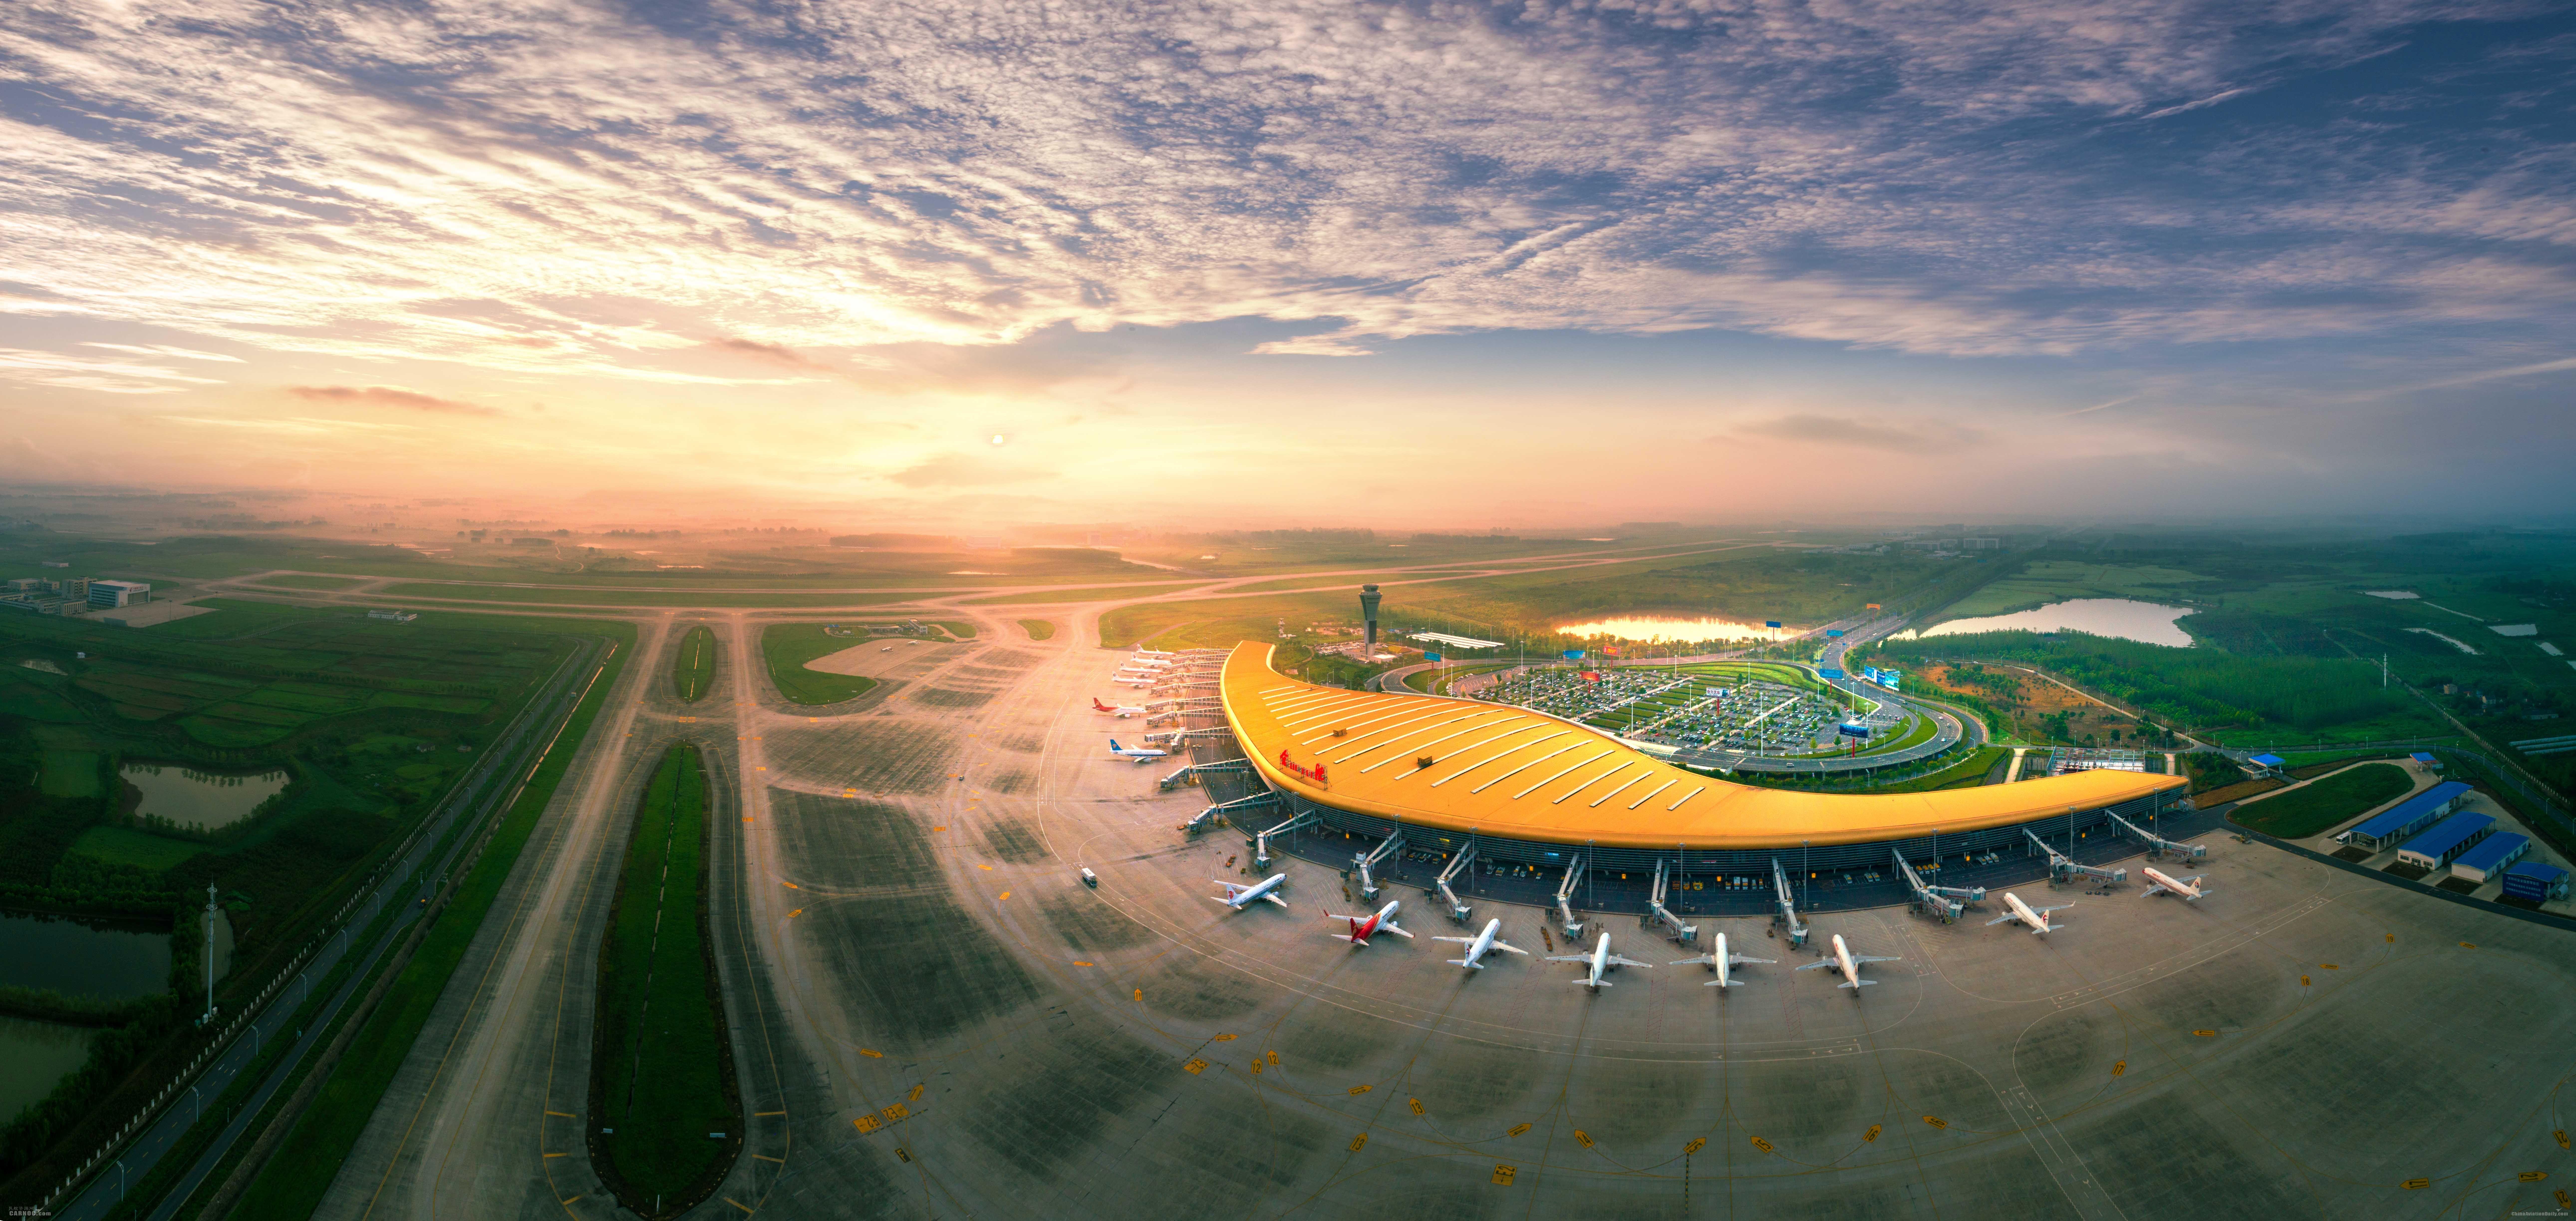 冬航季合肥机场每周执行航班2320架次 同比增长6%